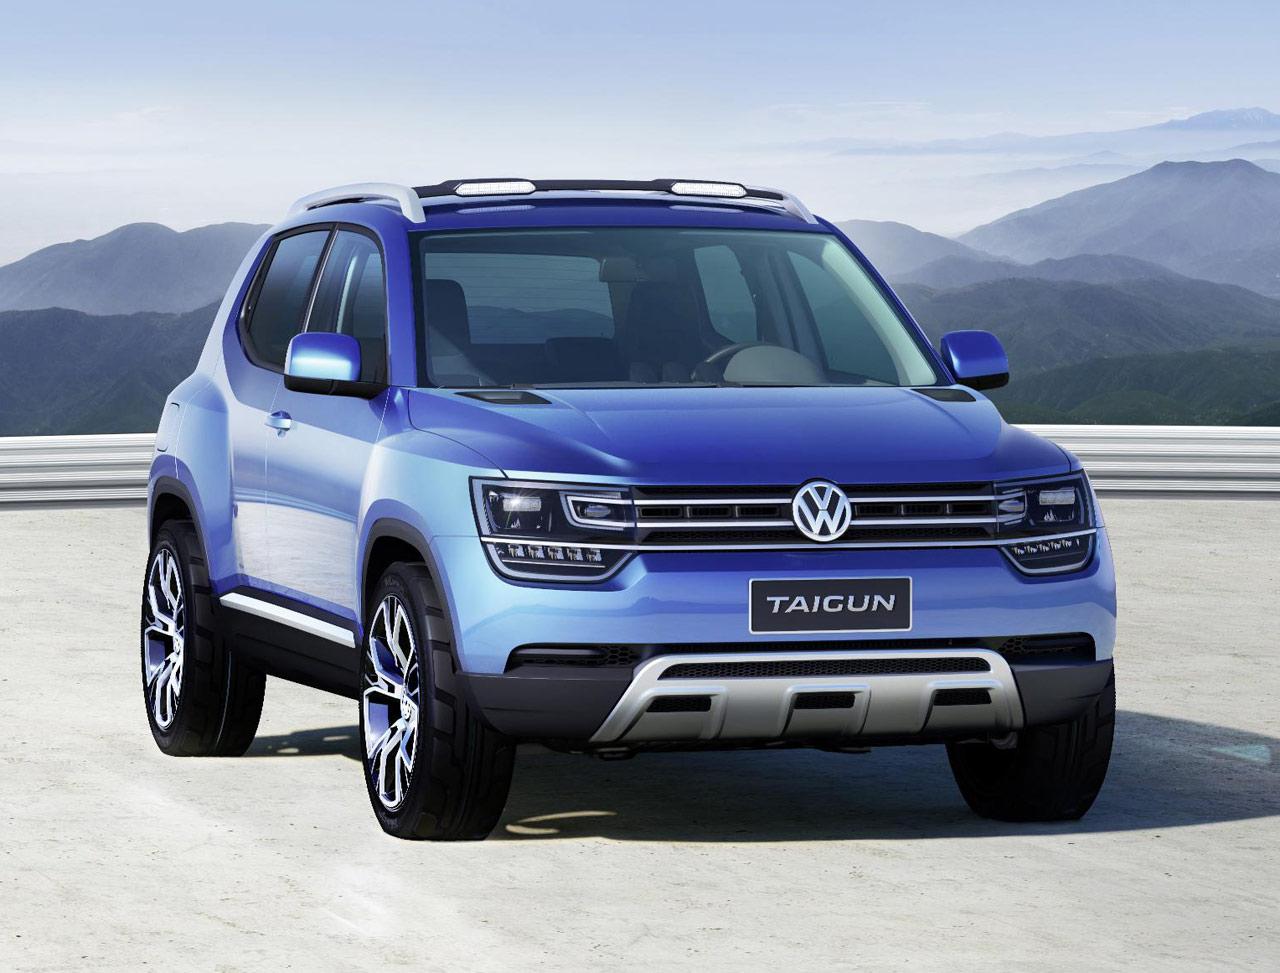 Фото концепт-кара Volkswagen Taigun